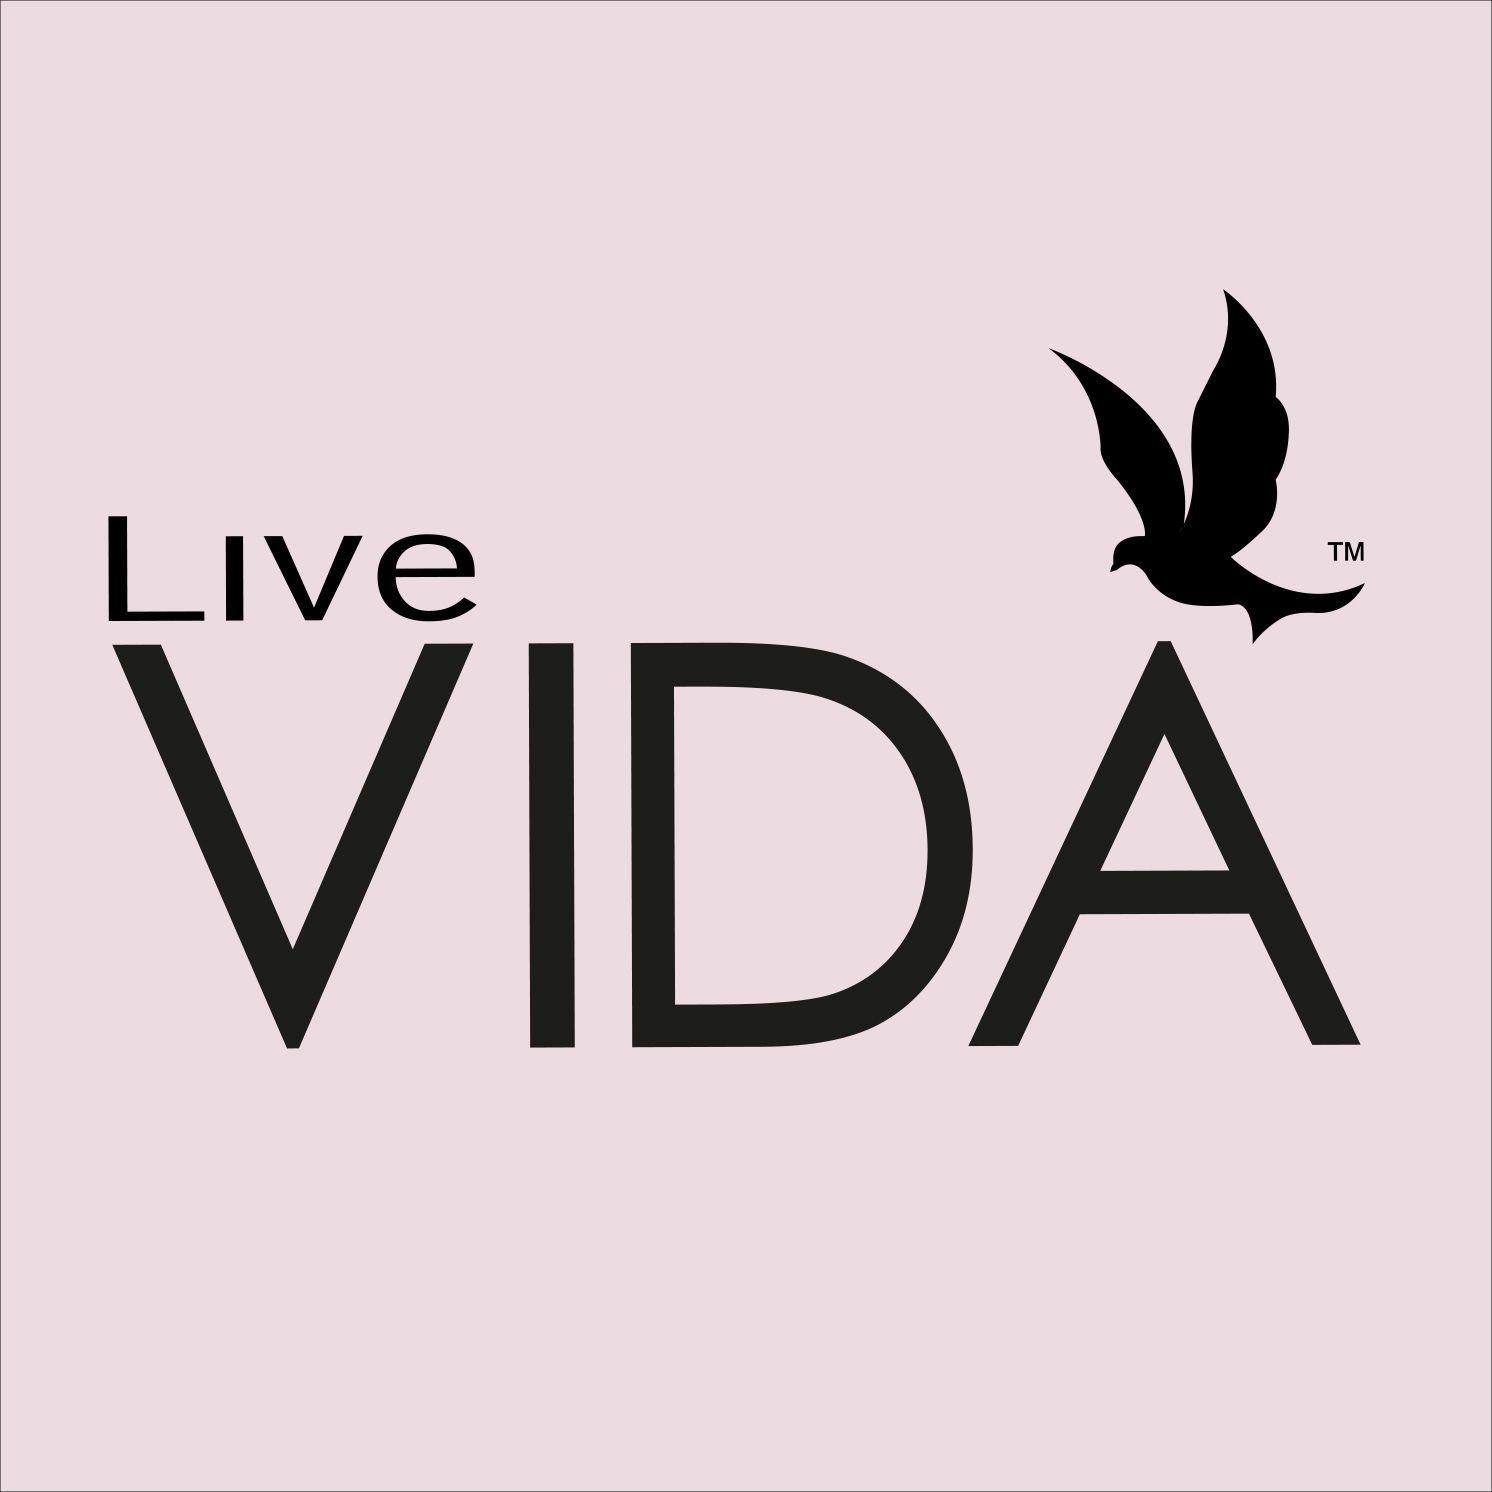 Live Vida